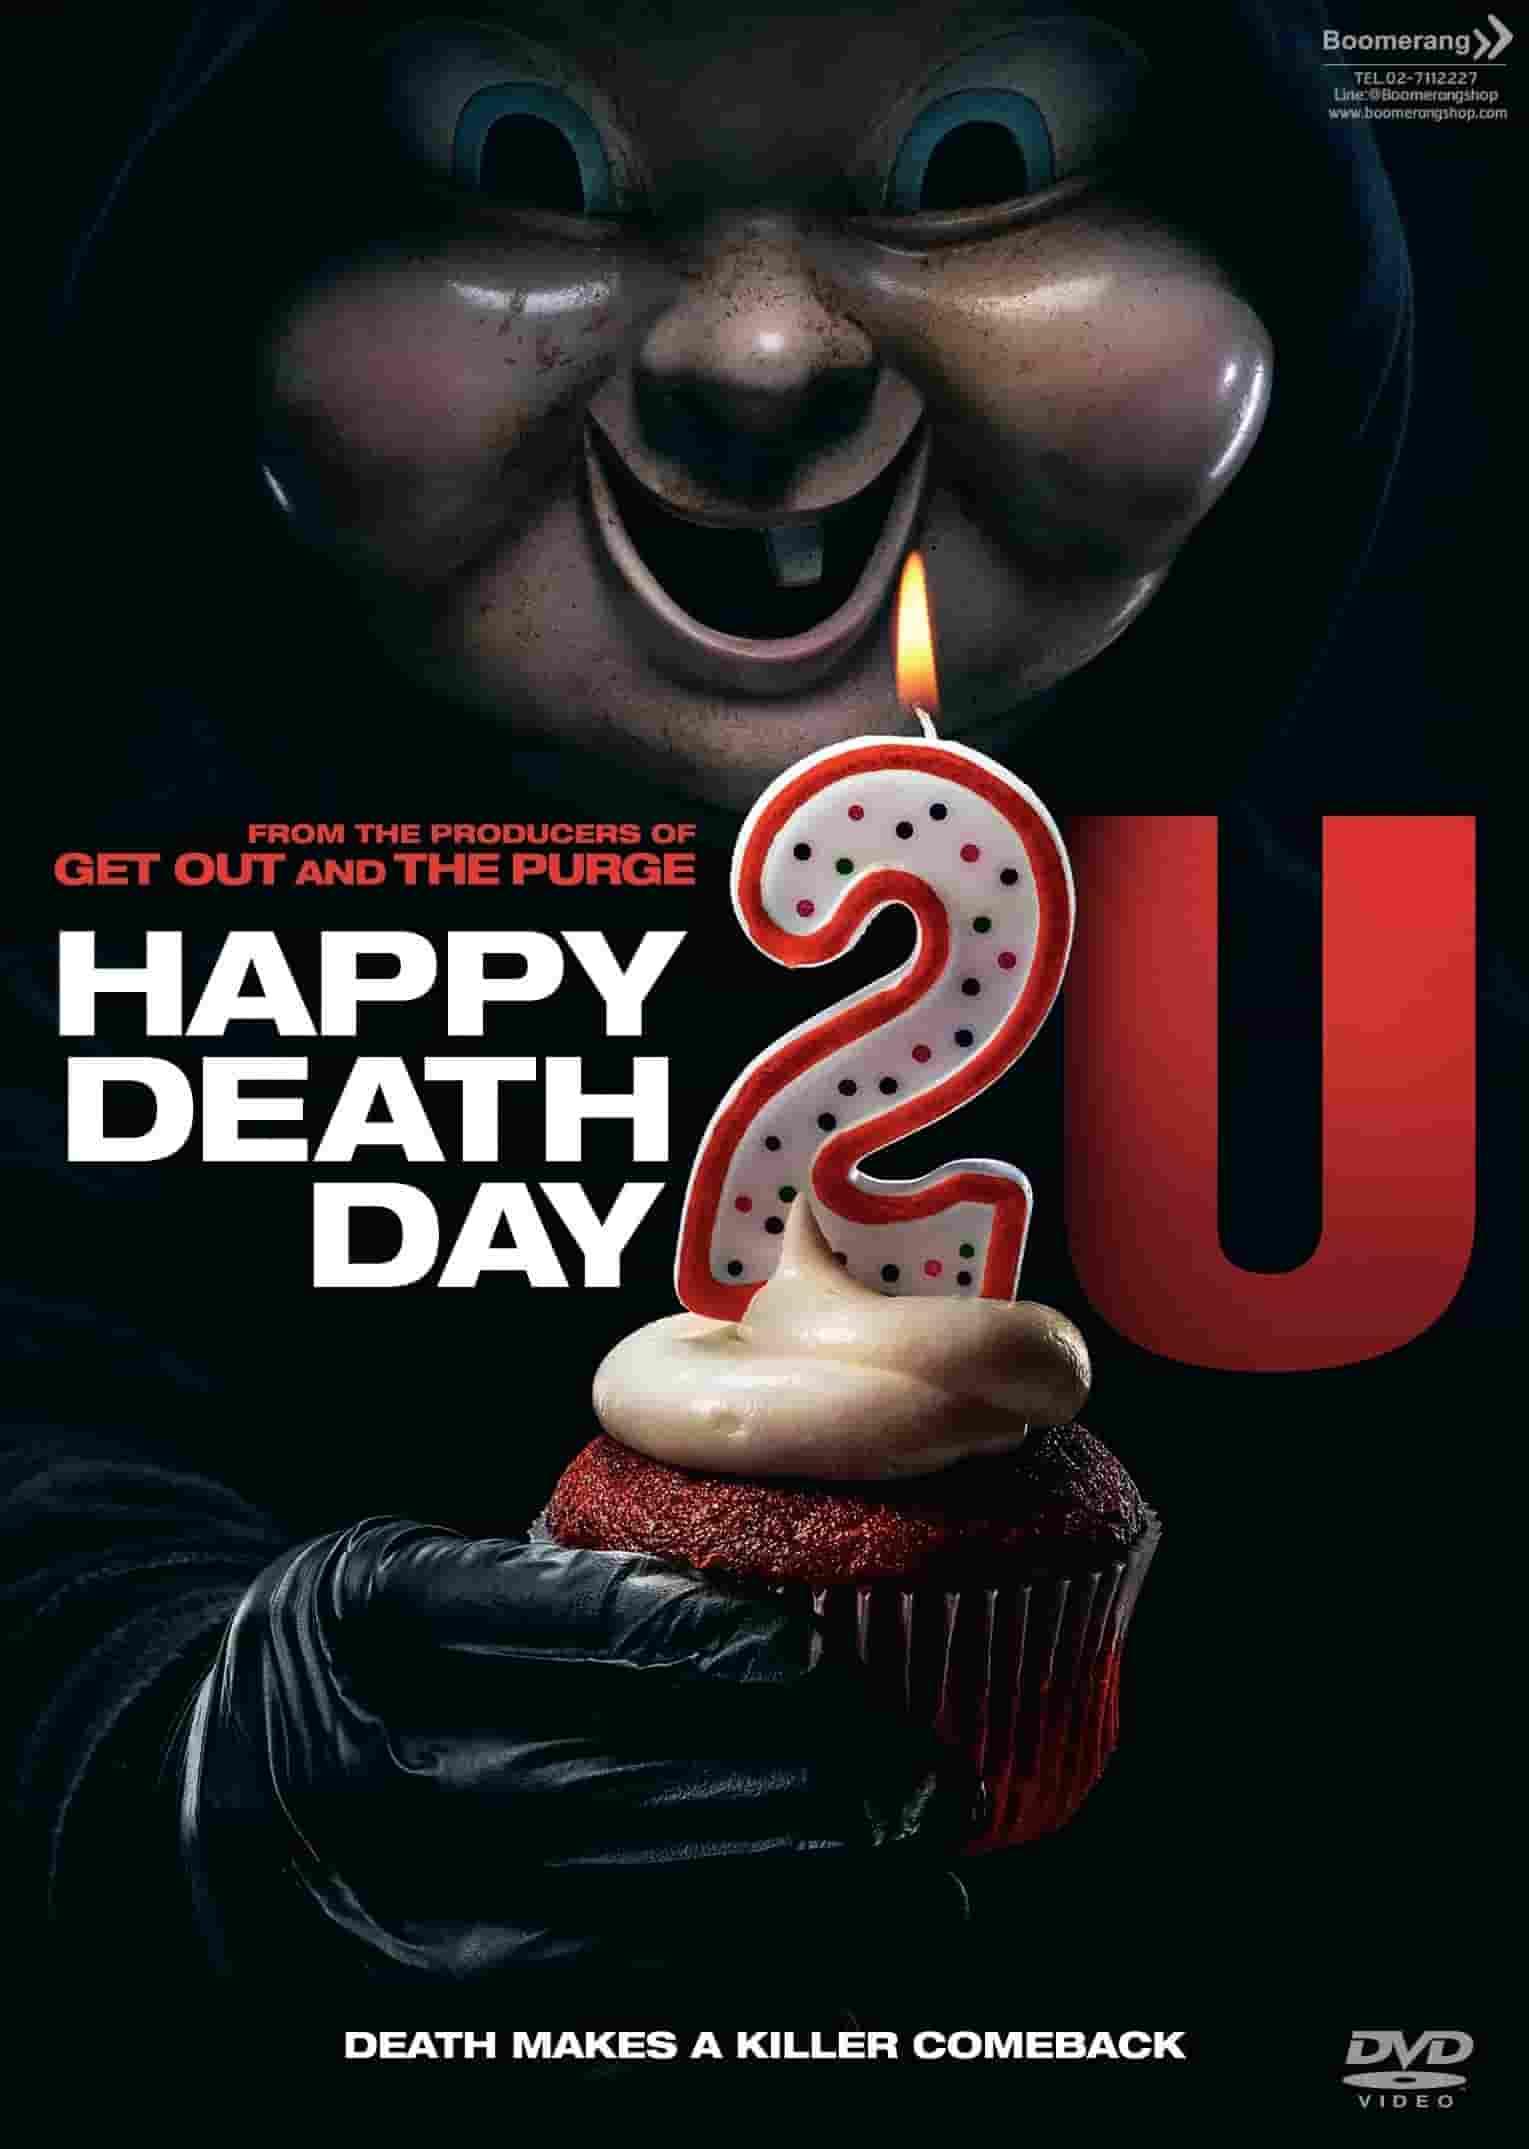 ดูหนัง Happy Death Day 2U สุขสันต์วันตาย 2U ดูหนังออนไลน์ฟรี ดูหนังฟรี HD ชัด ดูหนังใหม่ชนโรง หนังใหม่ล่าสุด เต็มเรื่อง มาสเตอร์ พากย์ไทย ซาวด์แทร็ก ซับไทย หนังซูม หนังแอคชั่น หนังผจญภัย หนังแอนนิเมชั่น หนัง HD ได้ที่ movie24x.com